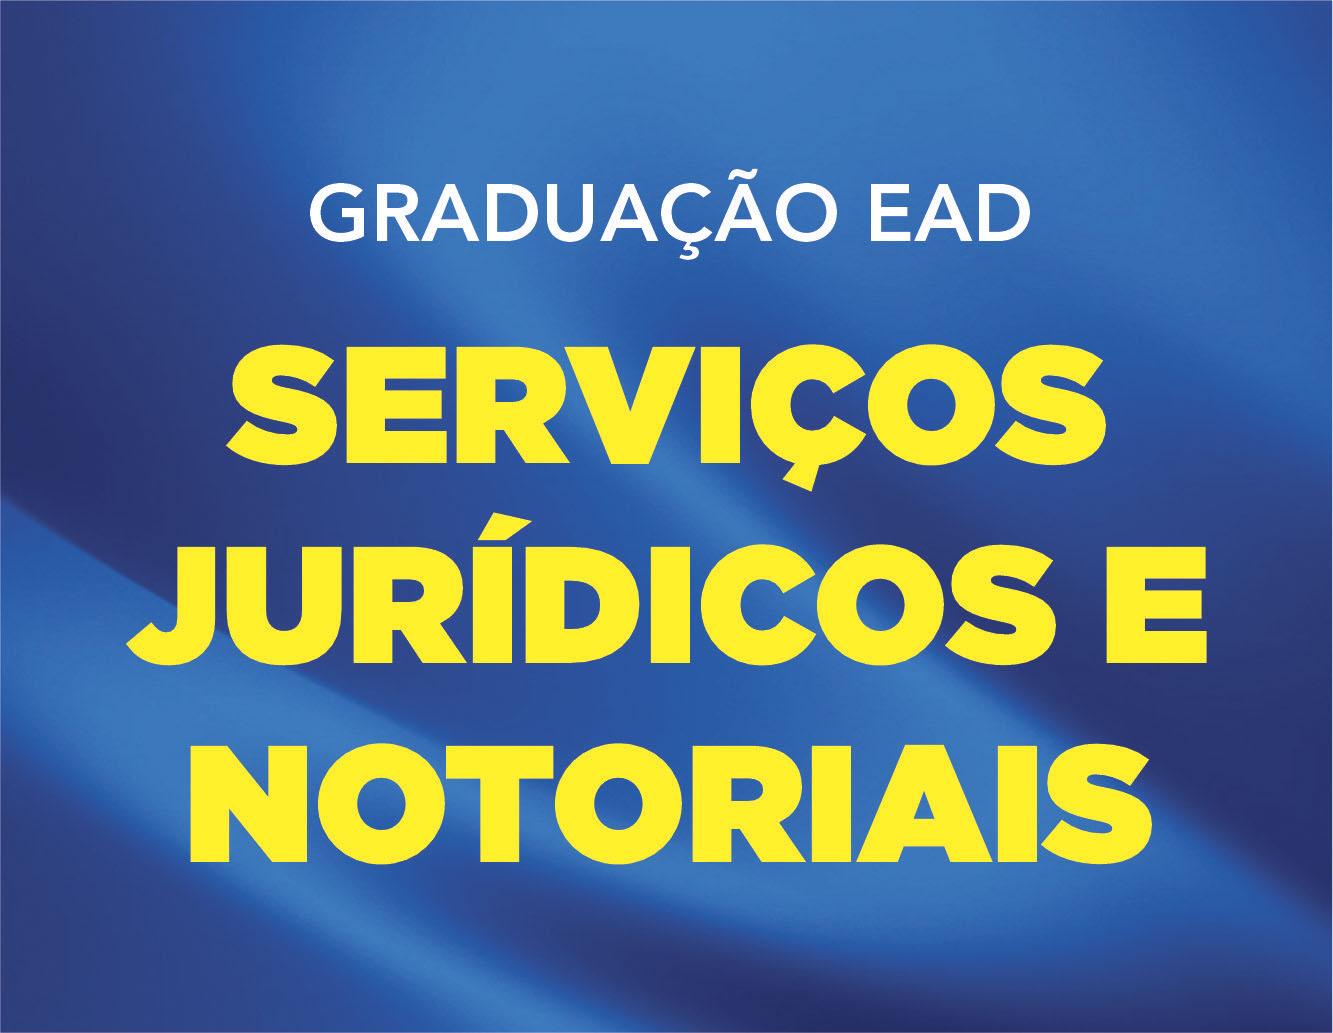 SERVIÇOS JURID